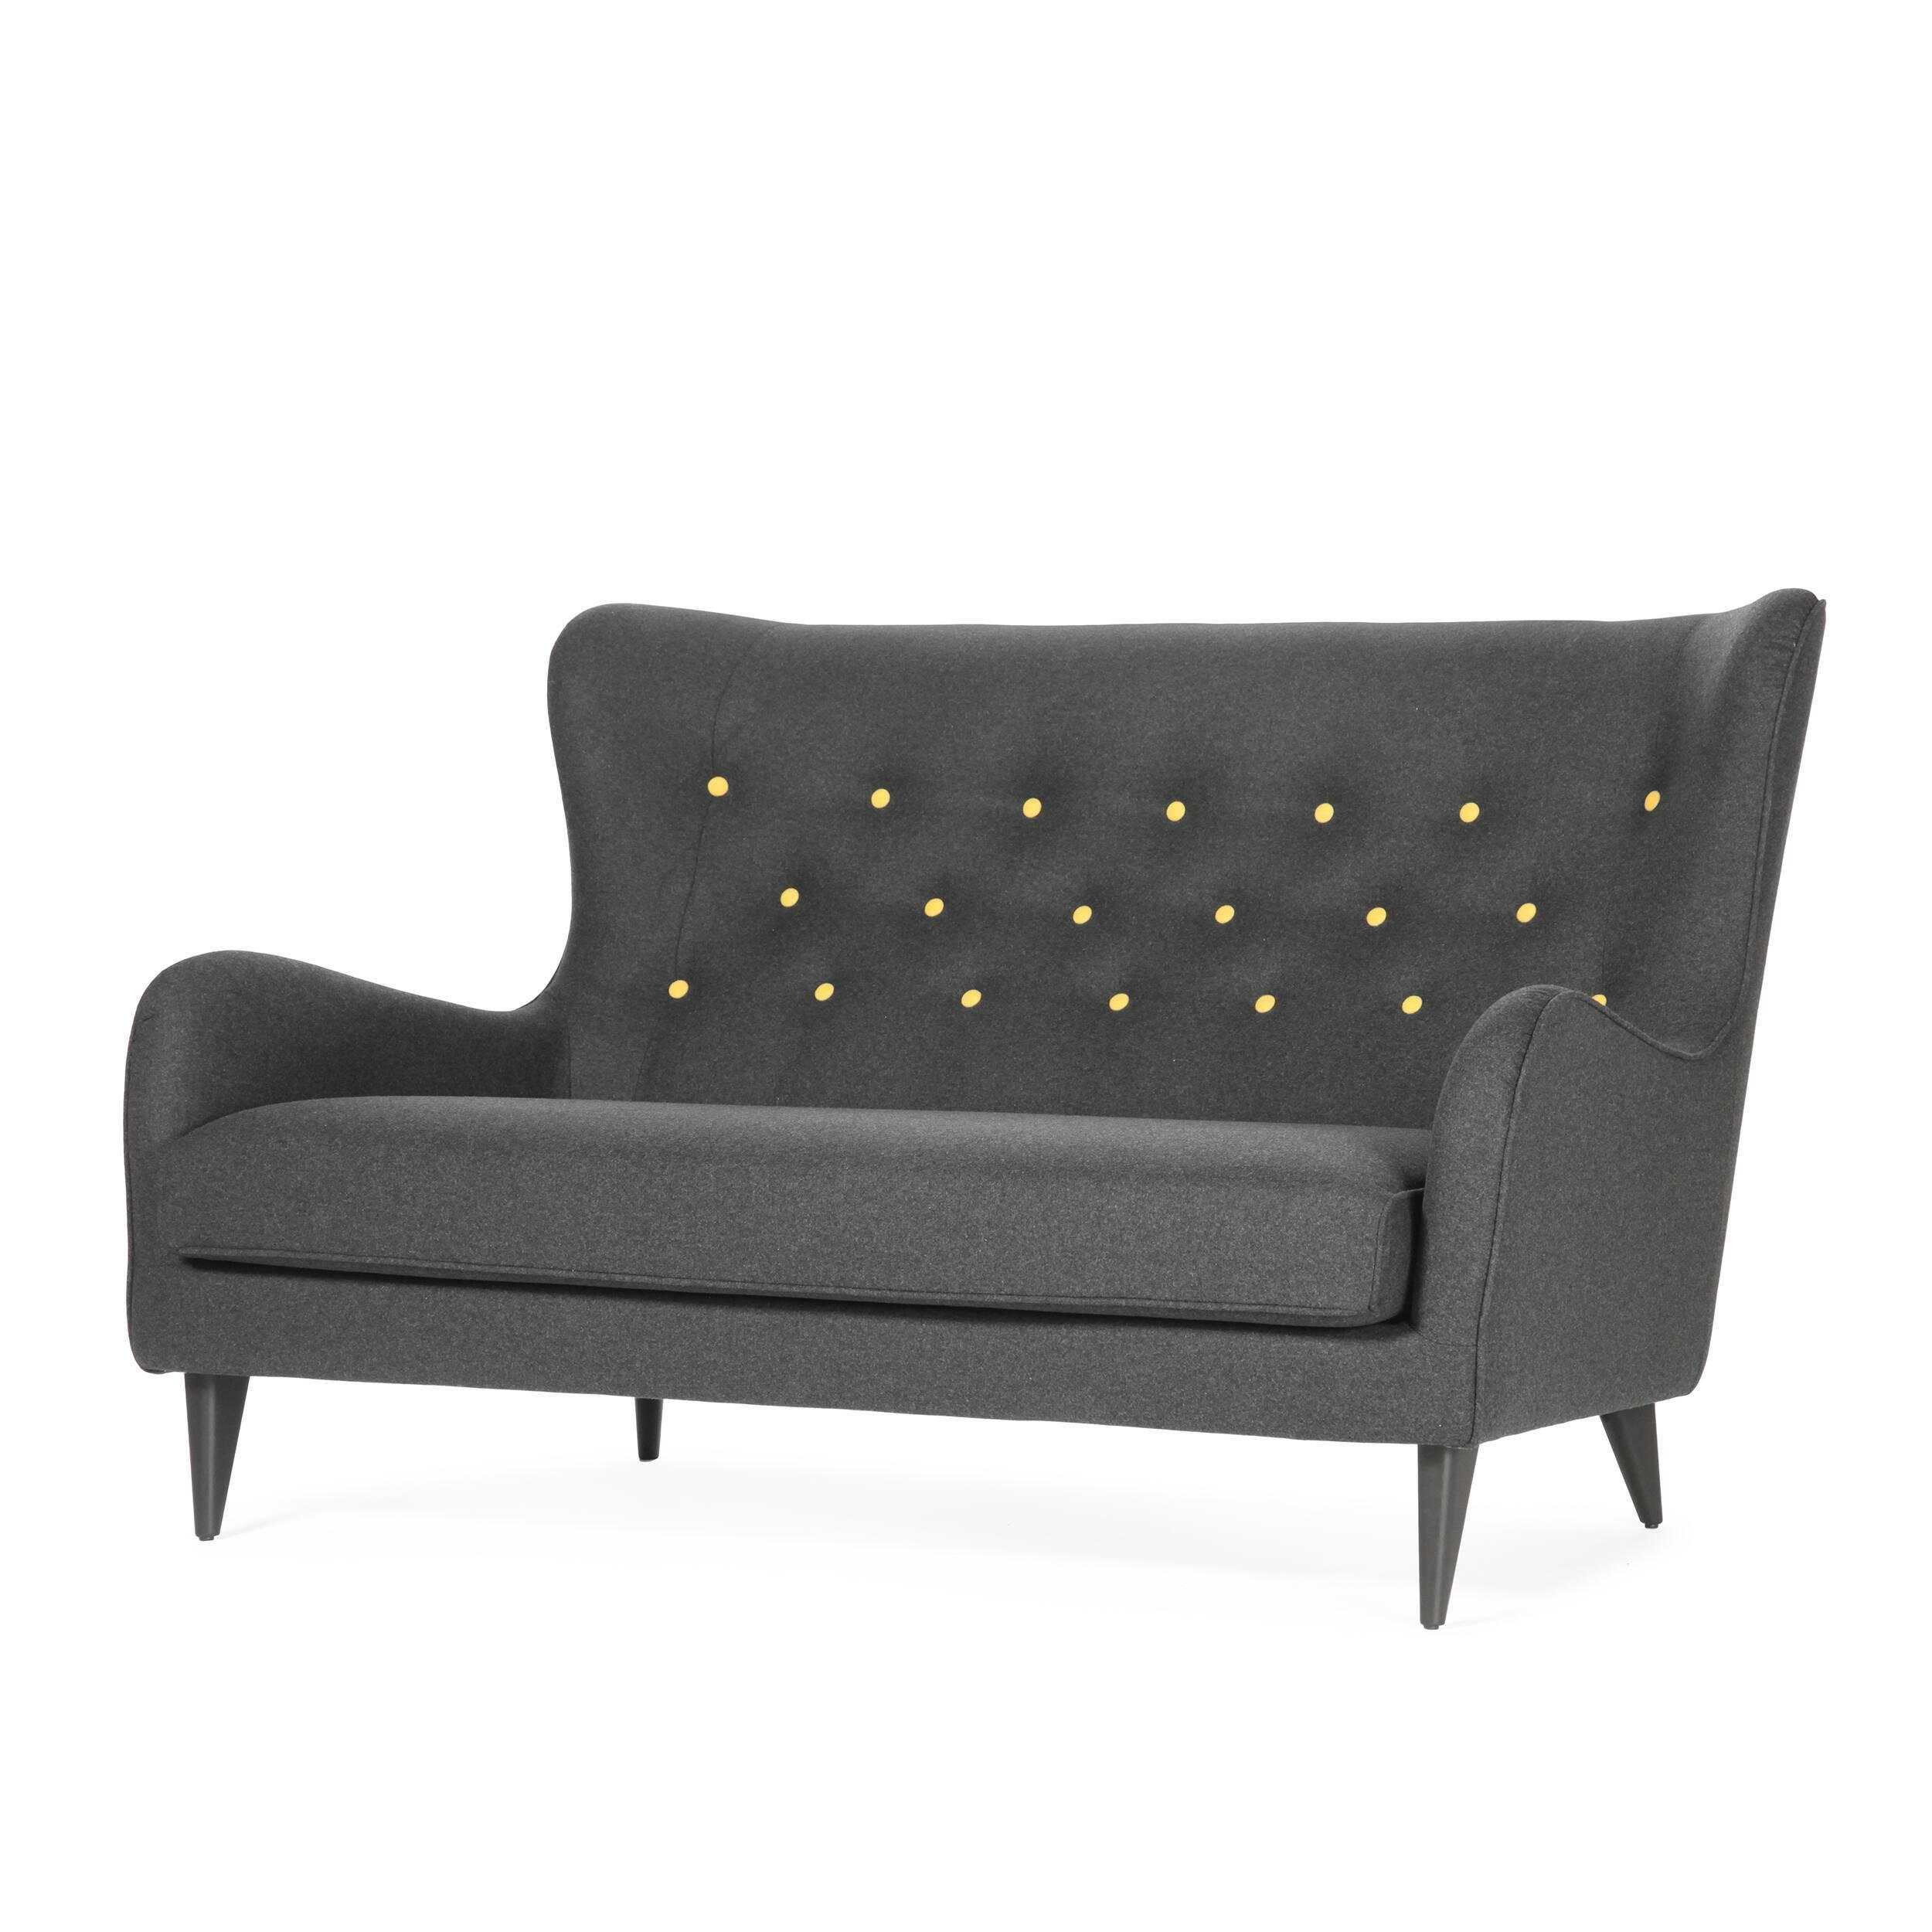 Диван PolaДвухместные<br>Дизайнерский яркий двухместный глубокий диван Pola (Пола) с кнопками от Sits (Ситс).<br><br><br> Дизайнеры компании Sits, чья мебель имеет выраженные шведские черты, не перестает радовать новыми моделями мягкой мебели. Изящные и невероятно удобные формы дивана Pola<br>помогут вам расслабиться и отдохнуть даже в самый разгар трудового дня. На выбор имеется большое количество вариантов цветового исполнения обивки кресла, благодаря чему вы легко подберете именно то, что лучше всего подойдет вашей ко...<br><br>stock: 3<br>Высота: 102<br>Высота сиденья: 45<br>Глубина: 98<br>Длина: 164<br>Цвет ножек: Черный<br>Материал обивки: Шерсть, Полиамид<br>Степень комфортности: Стандарт комфорт<br>Материал пуговиц: Шерсть, Полиамид<br>Цвет пуговиц: Желтый<br>Коллекция ткани: Категория ткани III<br>Тип материала обивки: Ткань<br>Тип материала ножек: Дерево<br>Цвет обивки: Темно-серый